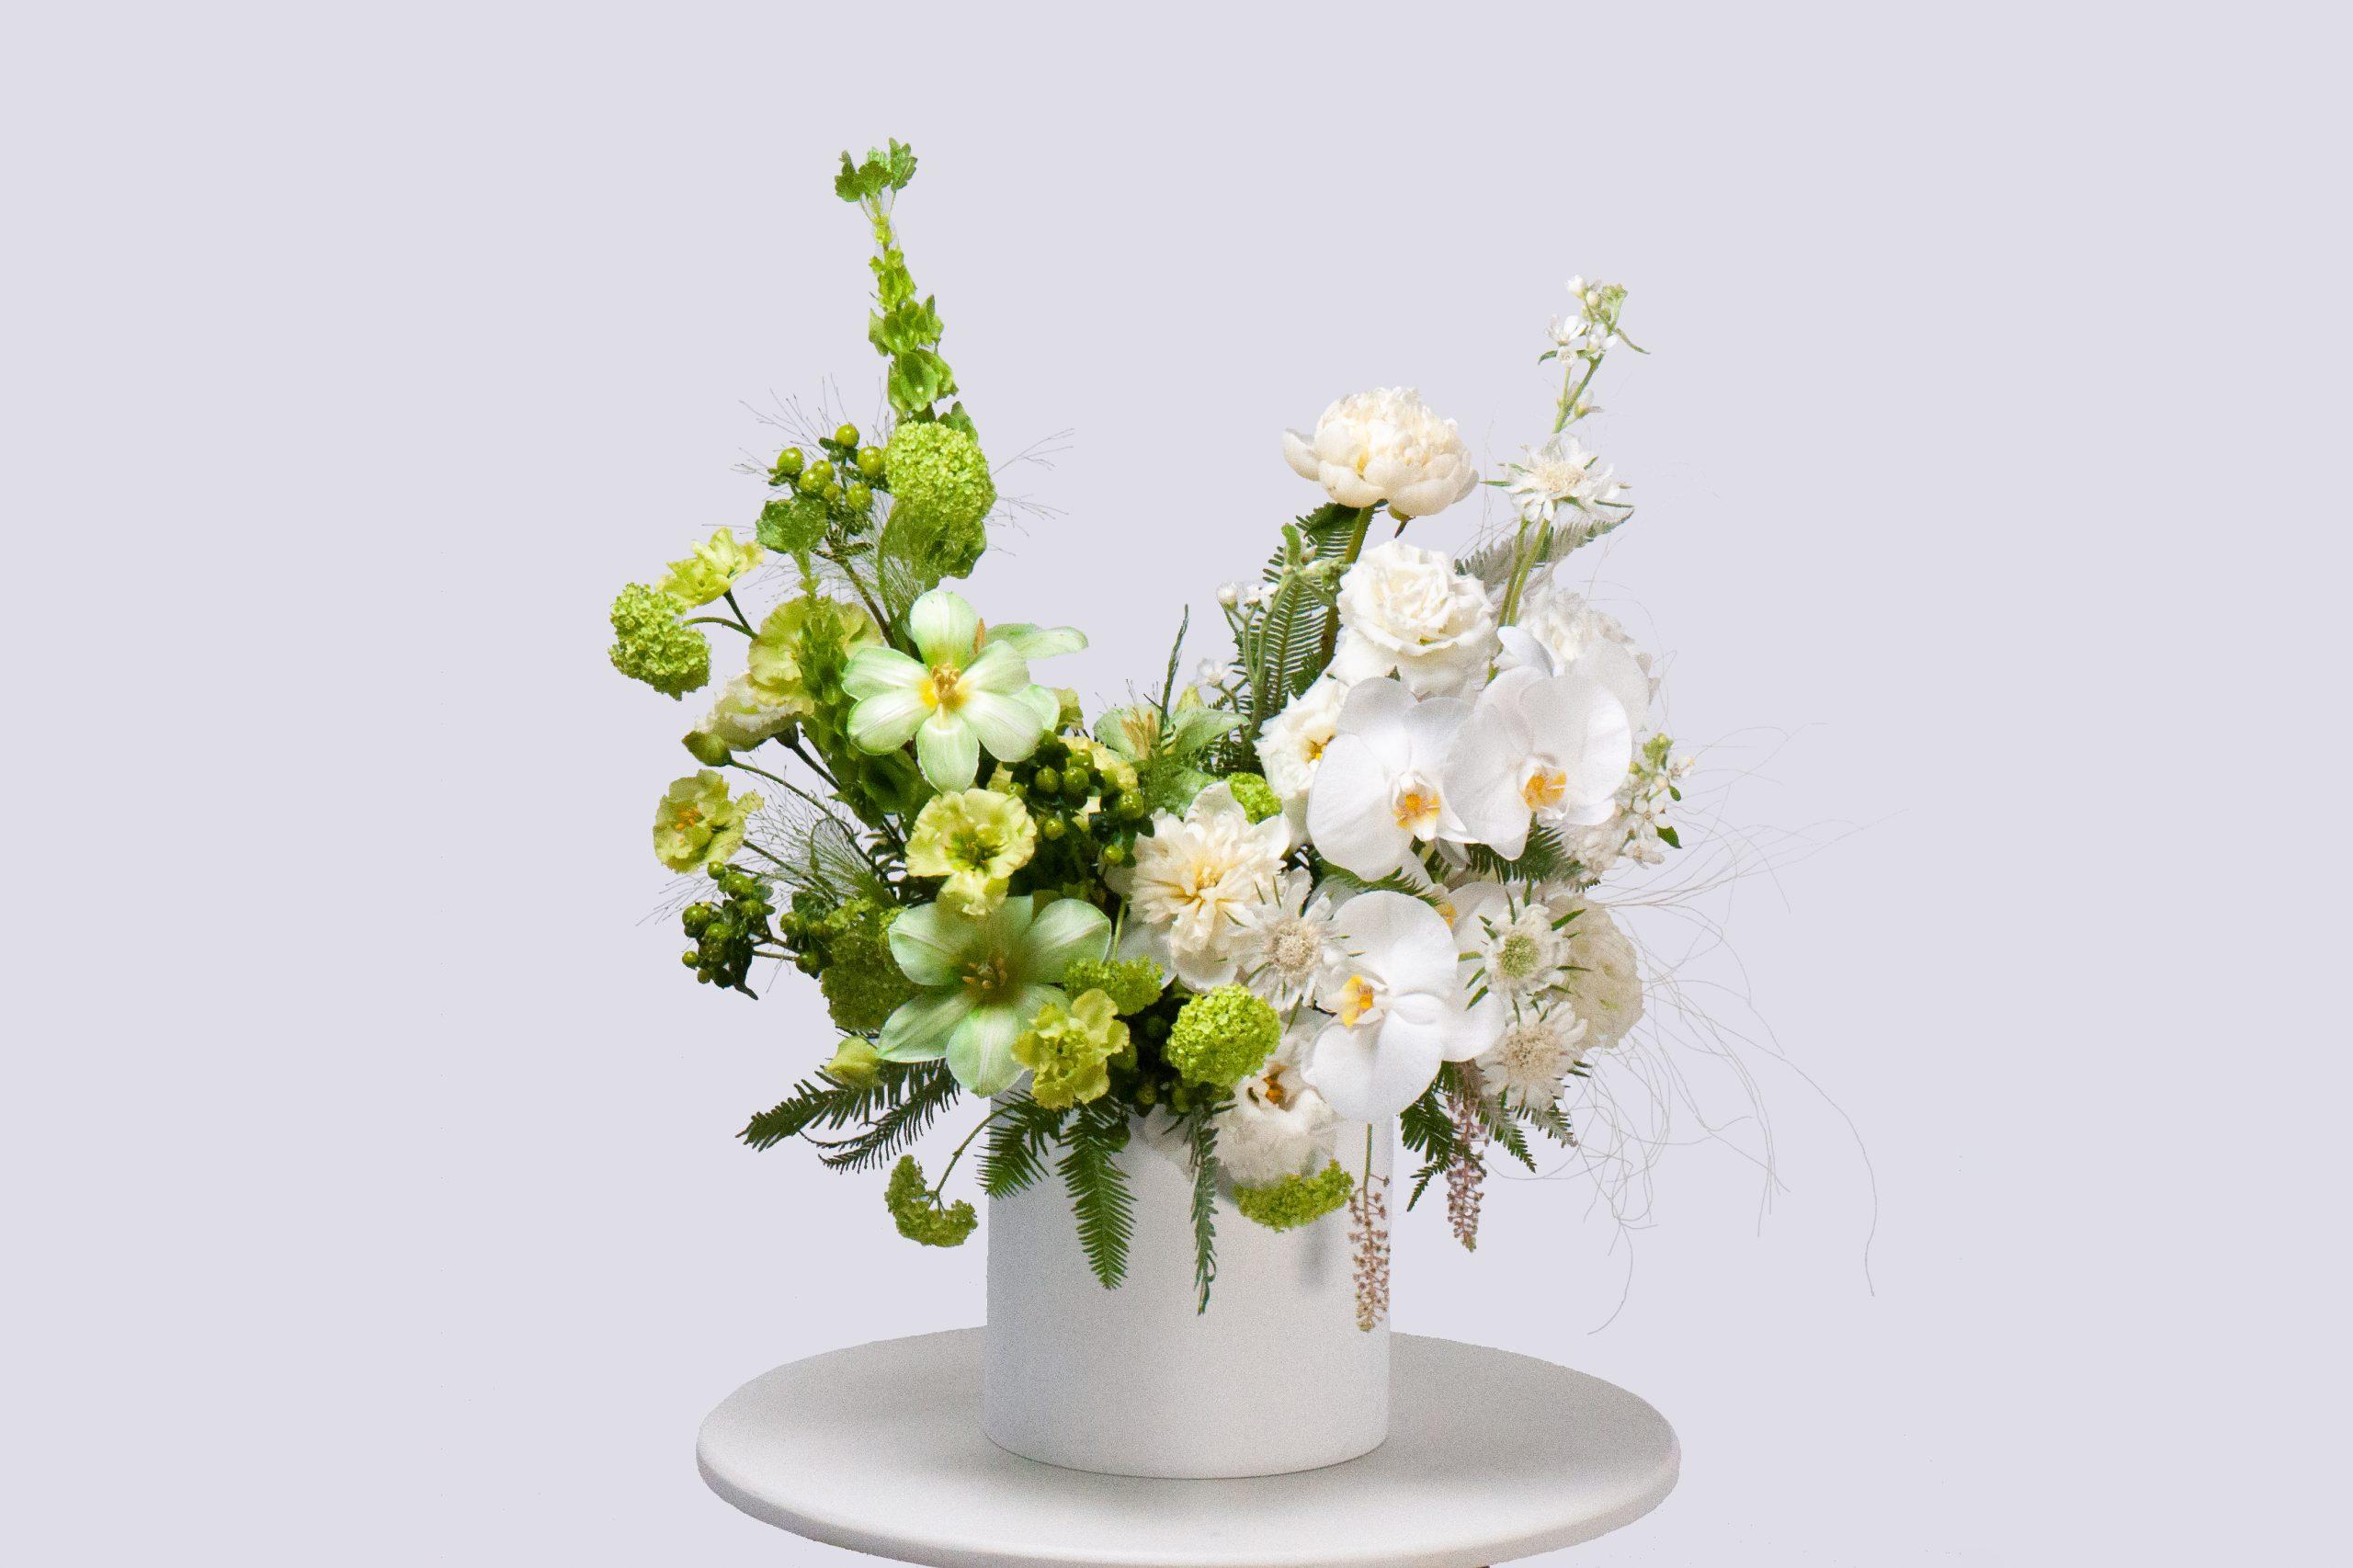 Коробка в бело-зеленой гамме №3 - купить цветы в Санкт Петербурге